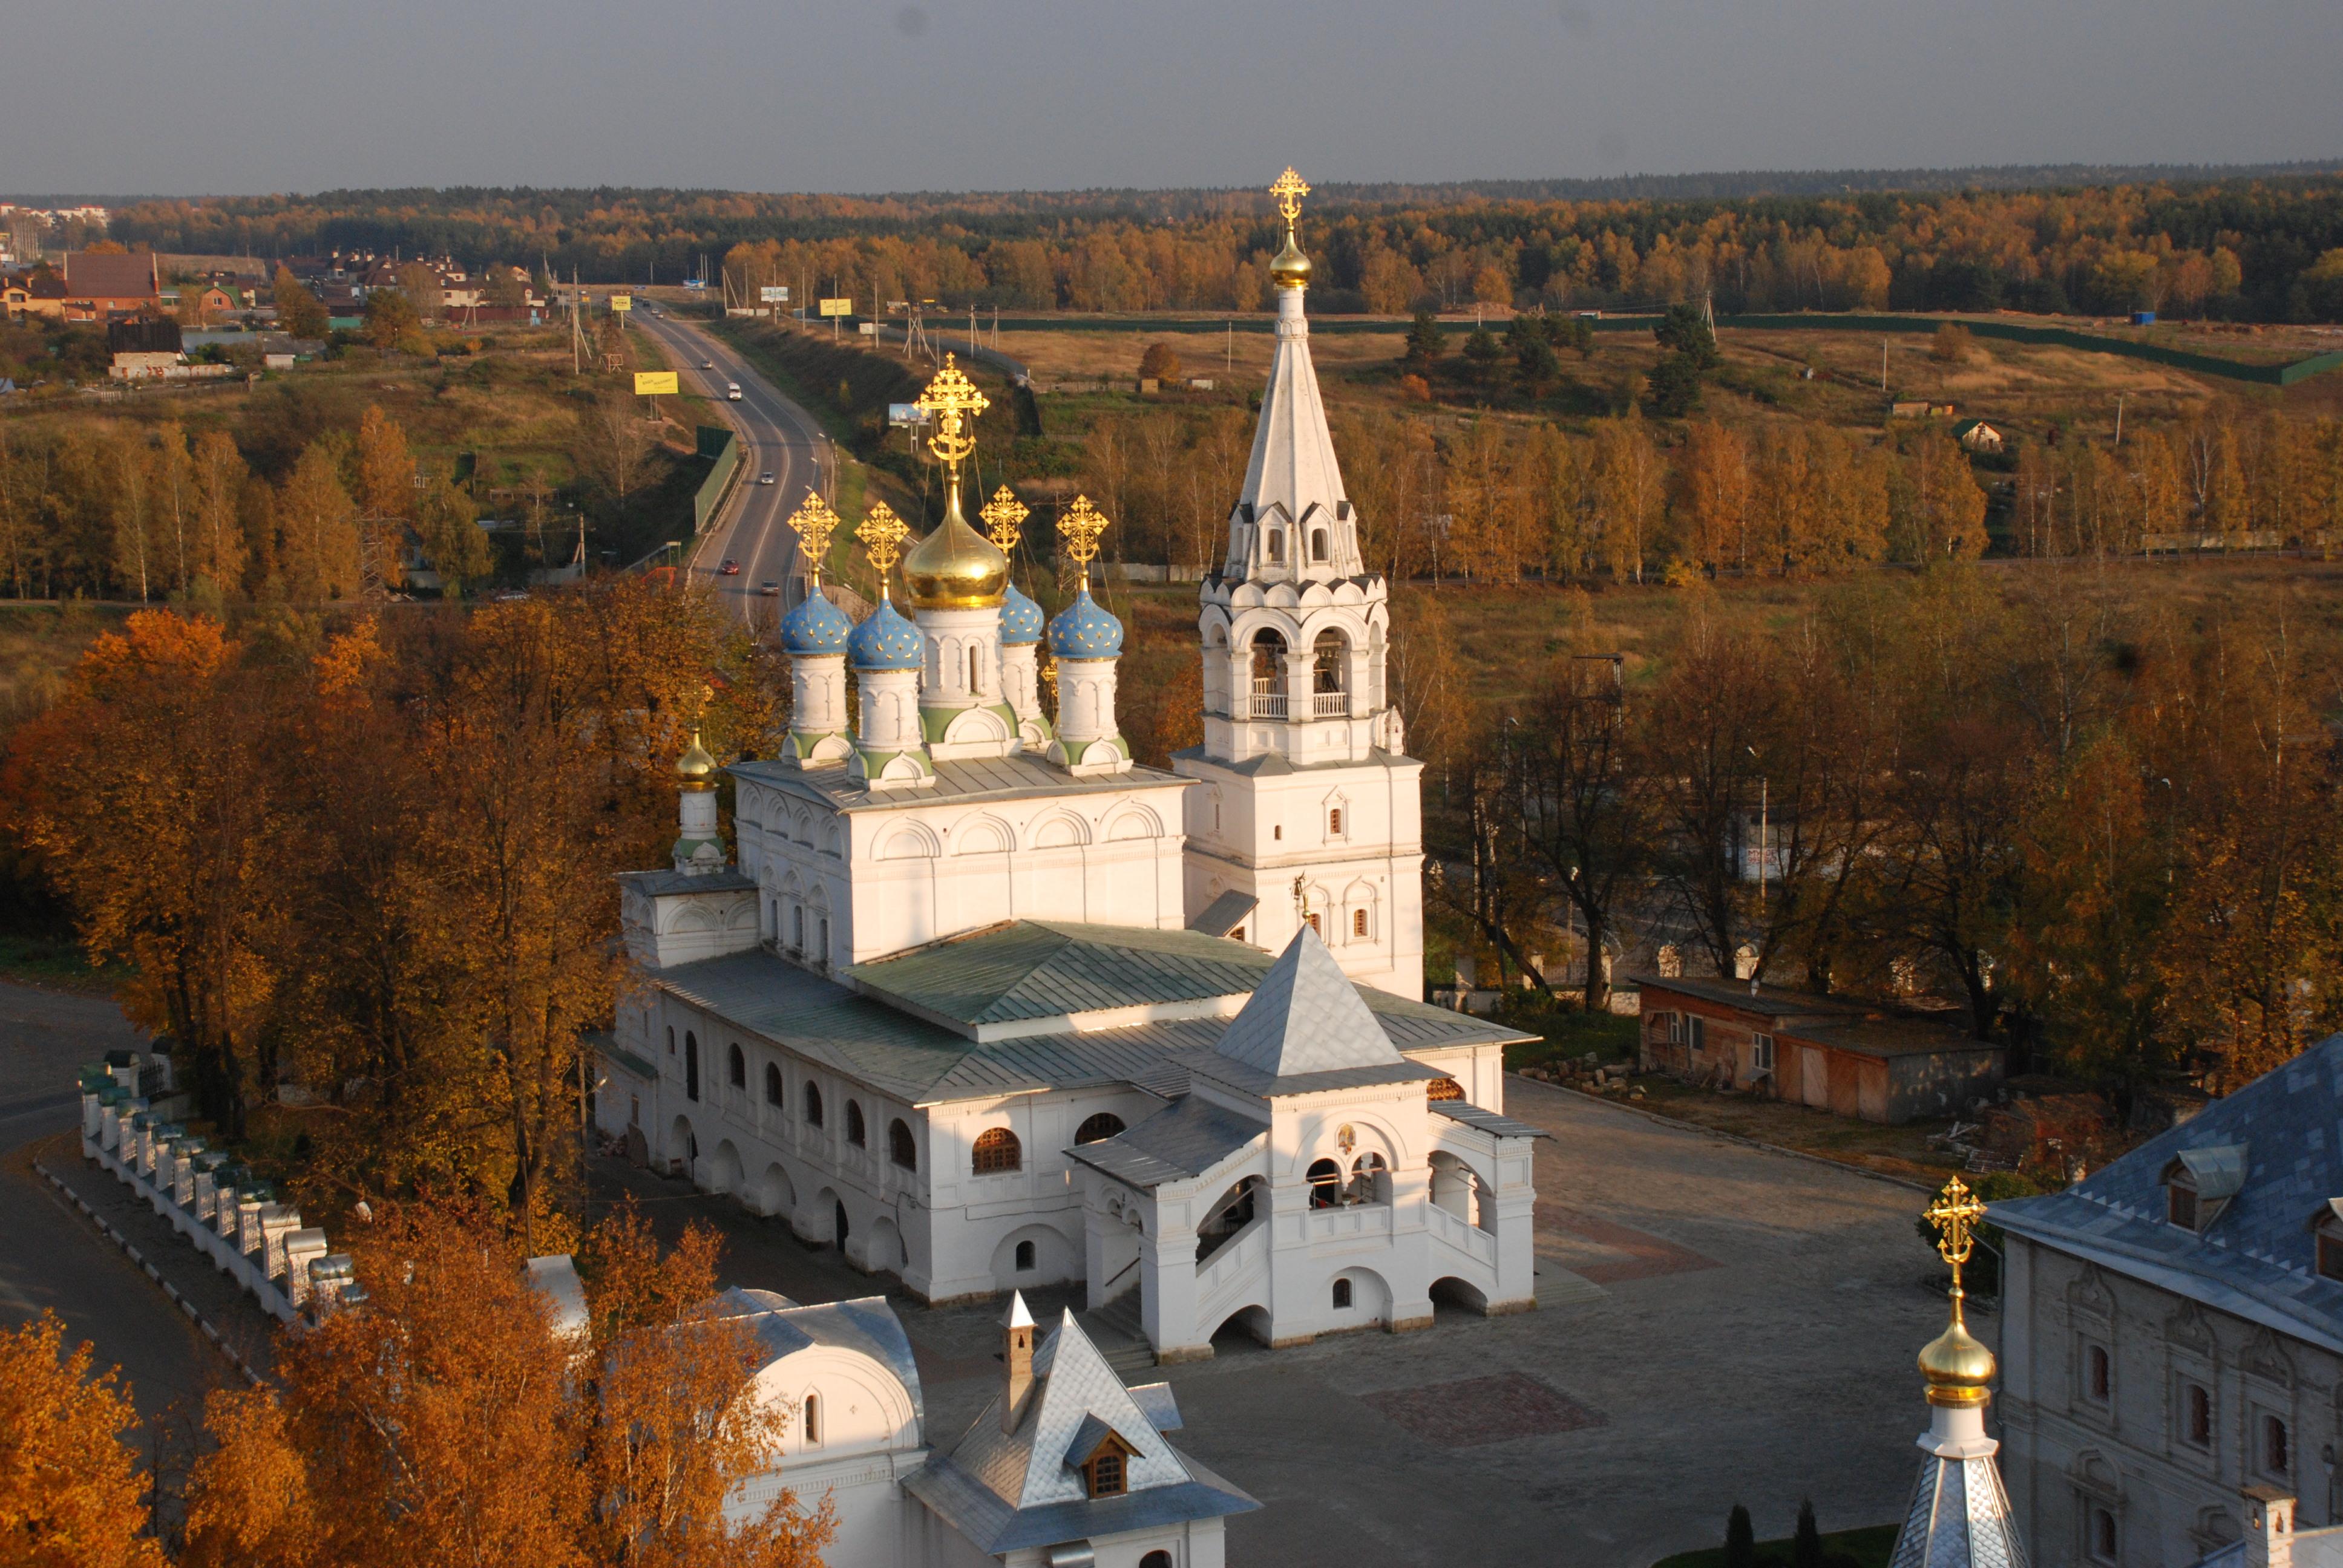 Продолжаю знакомить вас с храмом в селе павловская слобода